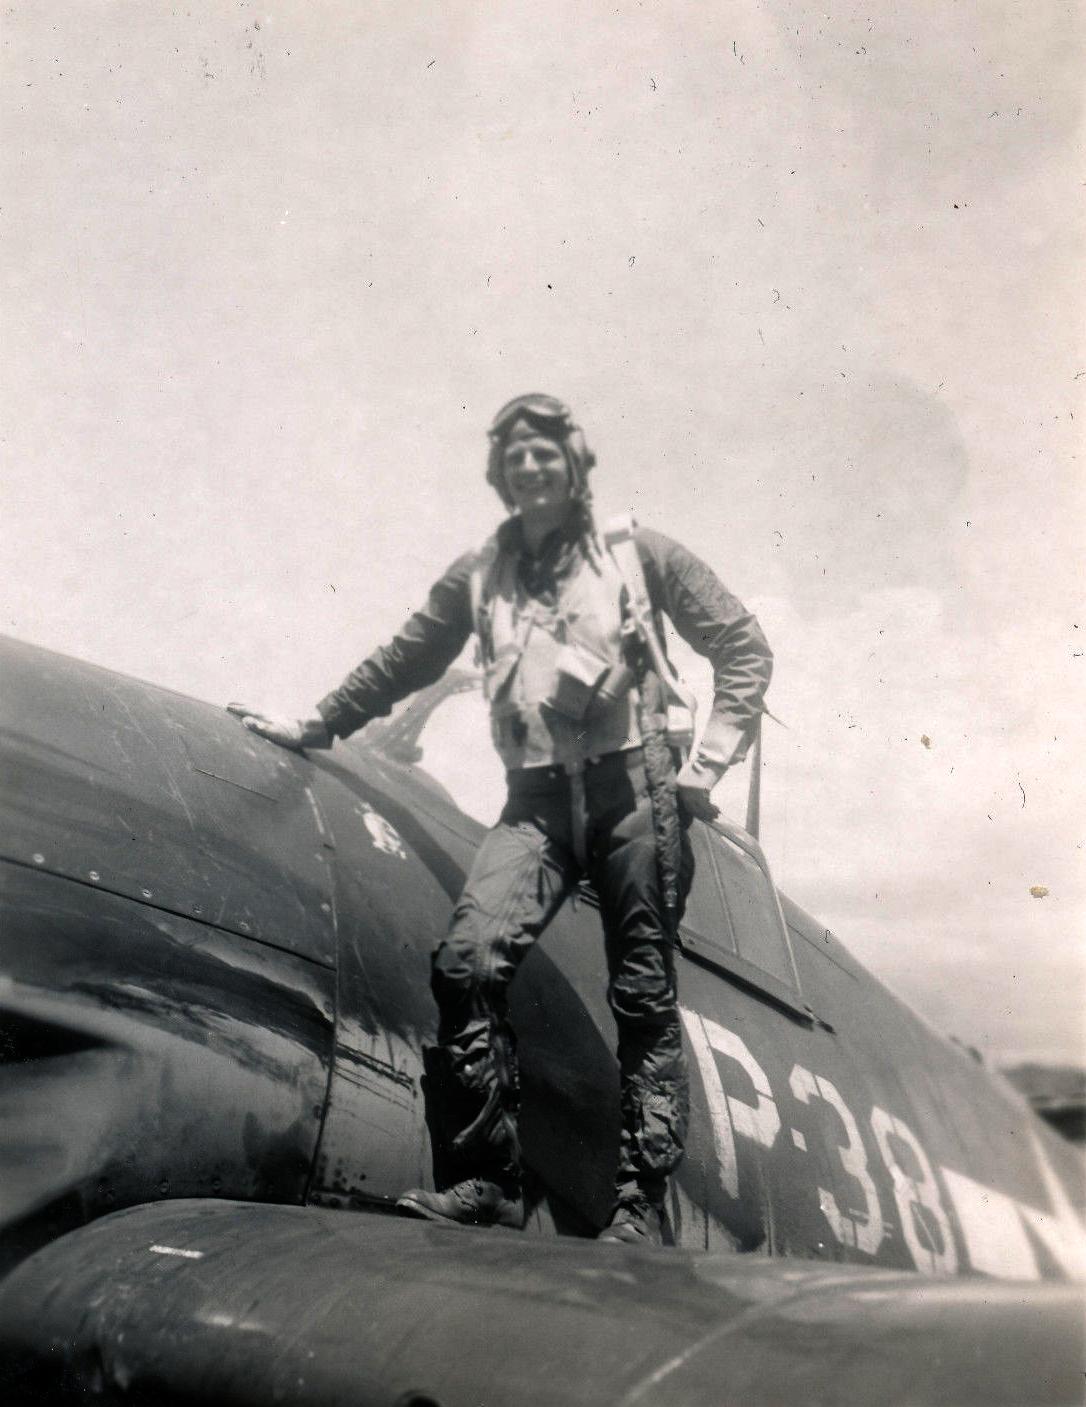 Aircrew USN VBF 8 Ens Brooker NAS Puunene 1945 01